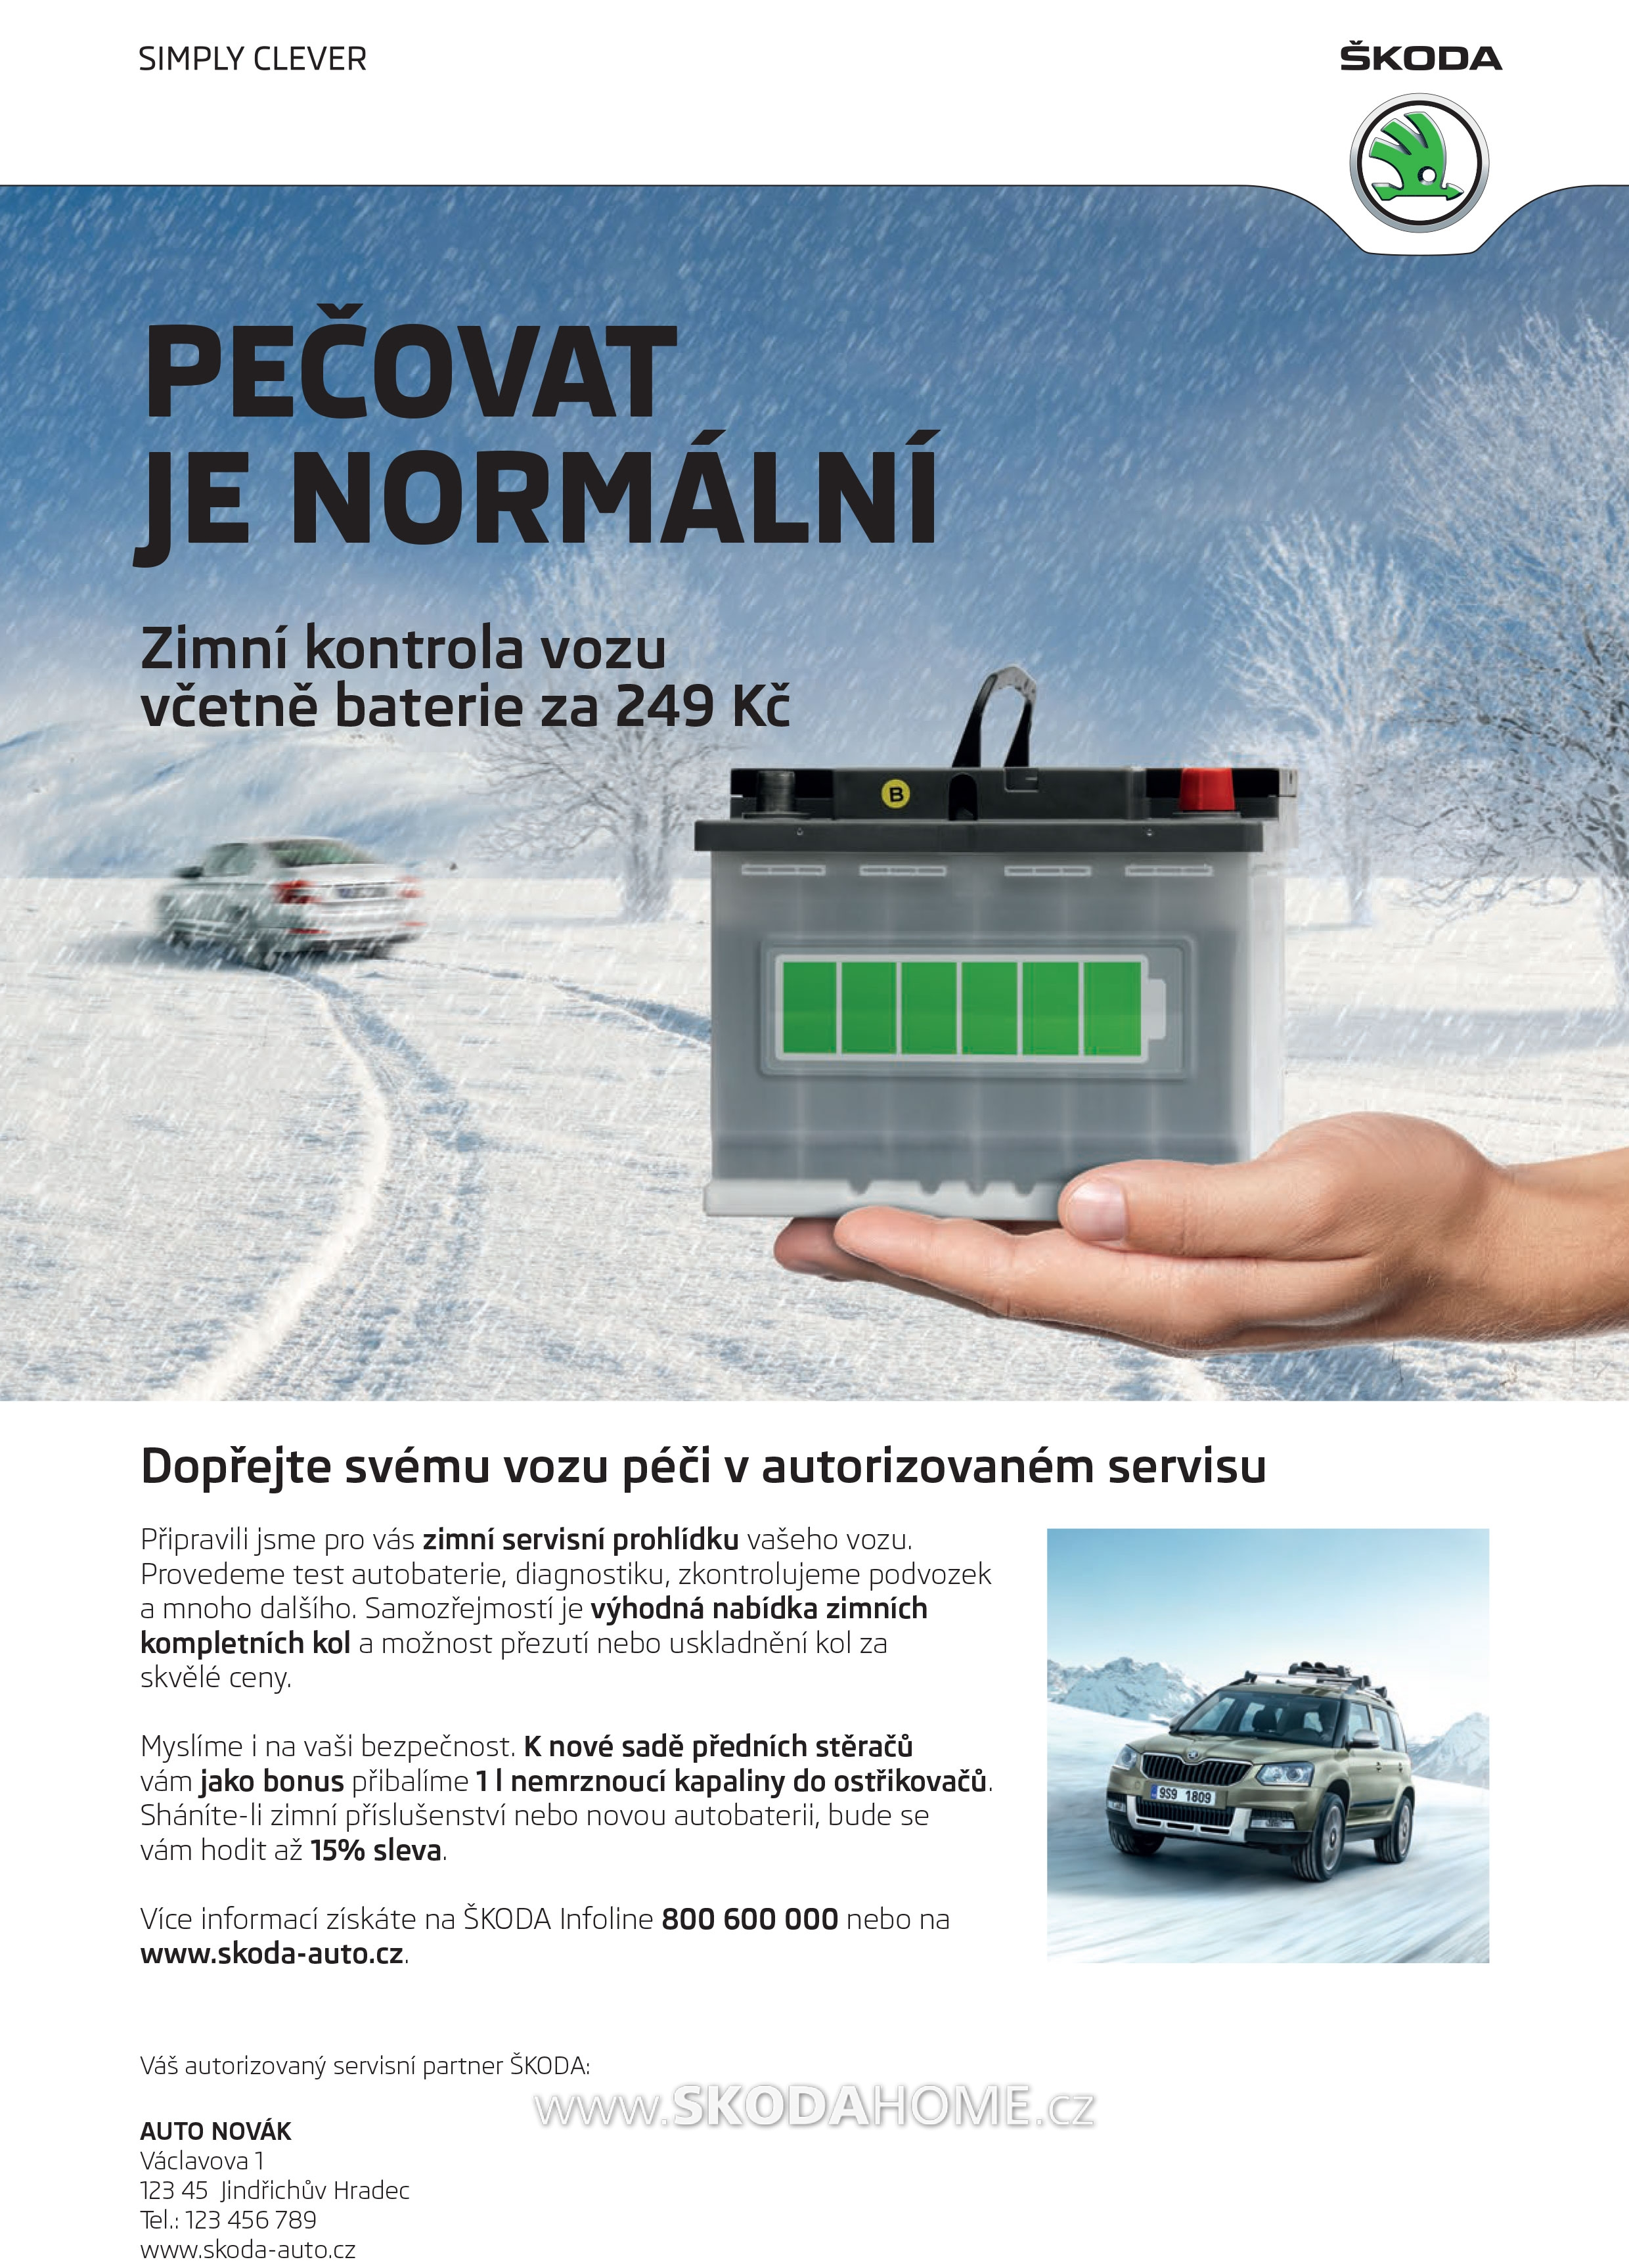 161011-zimni-servisni-akce-skoda-2016